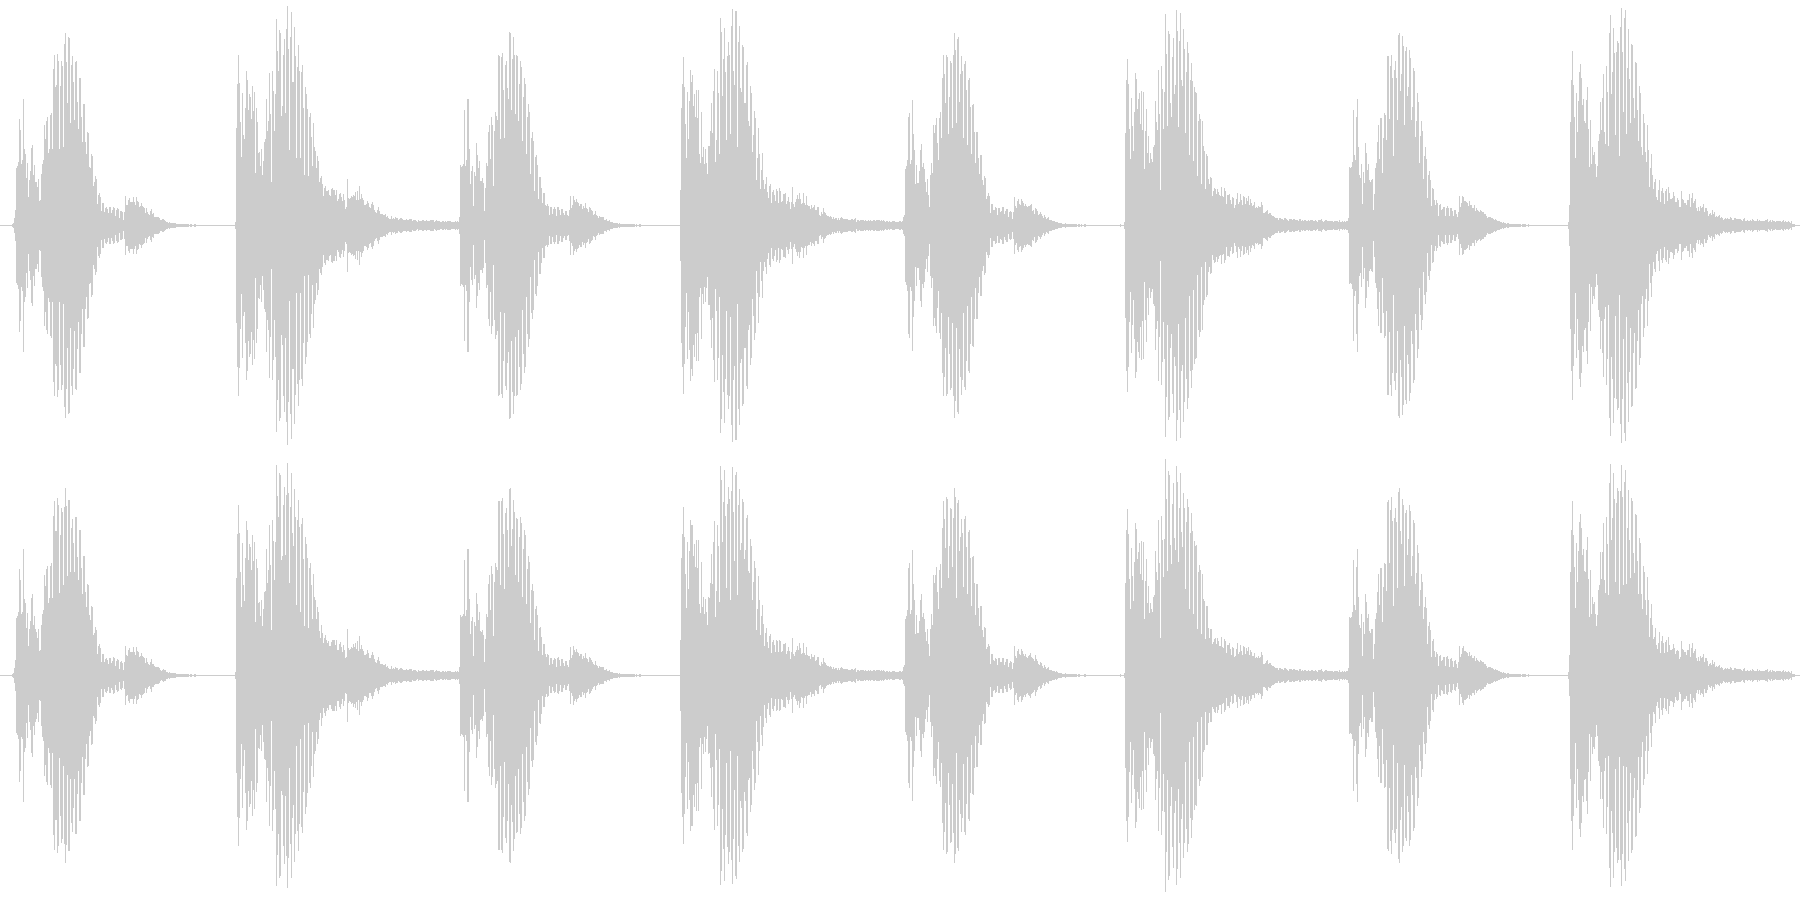 ダンスリズムベーシックパターンの未再生の波形